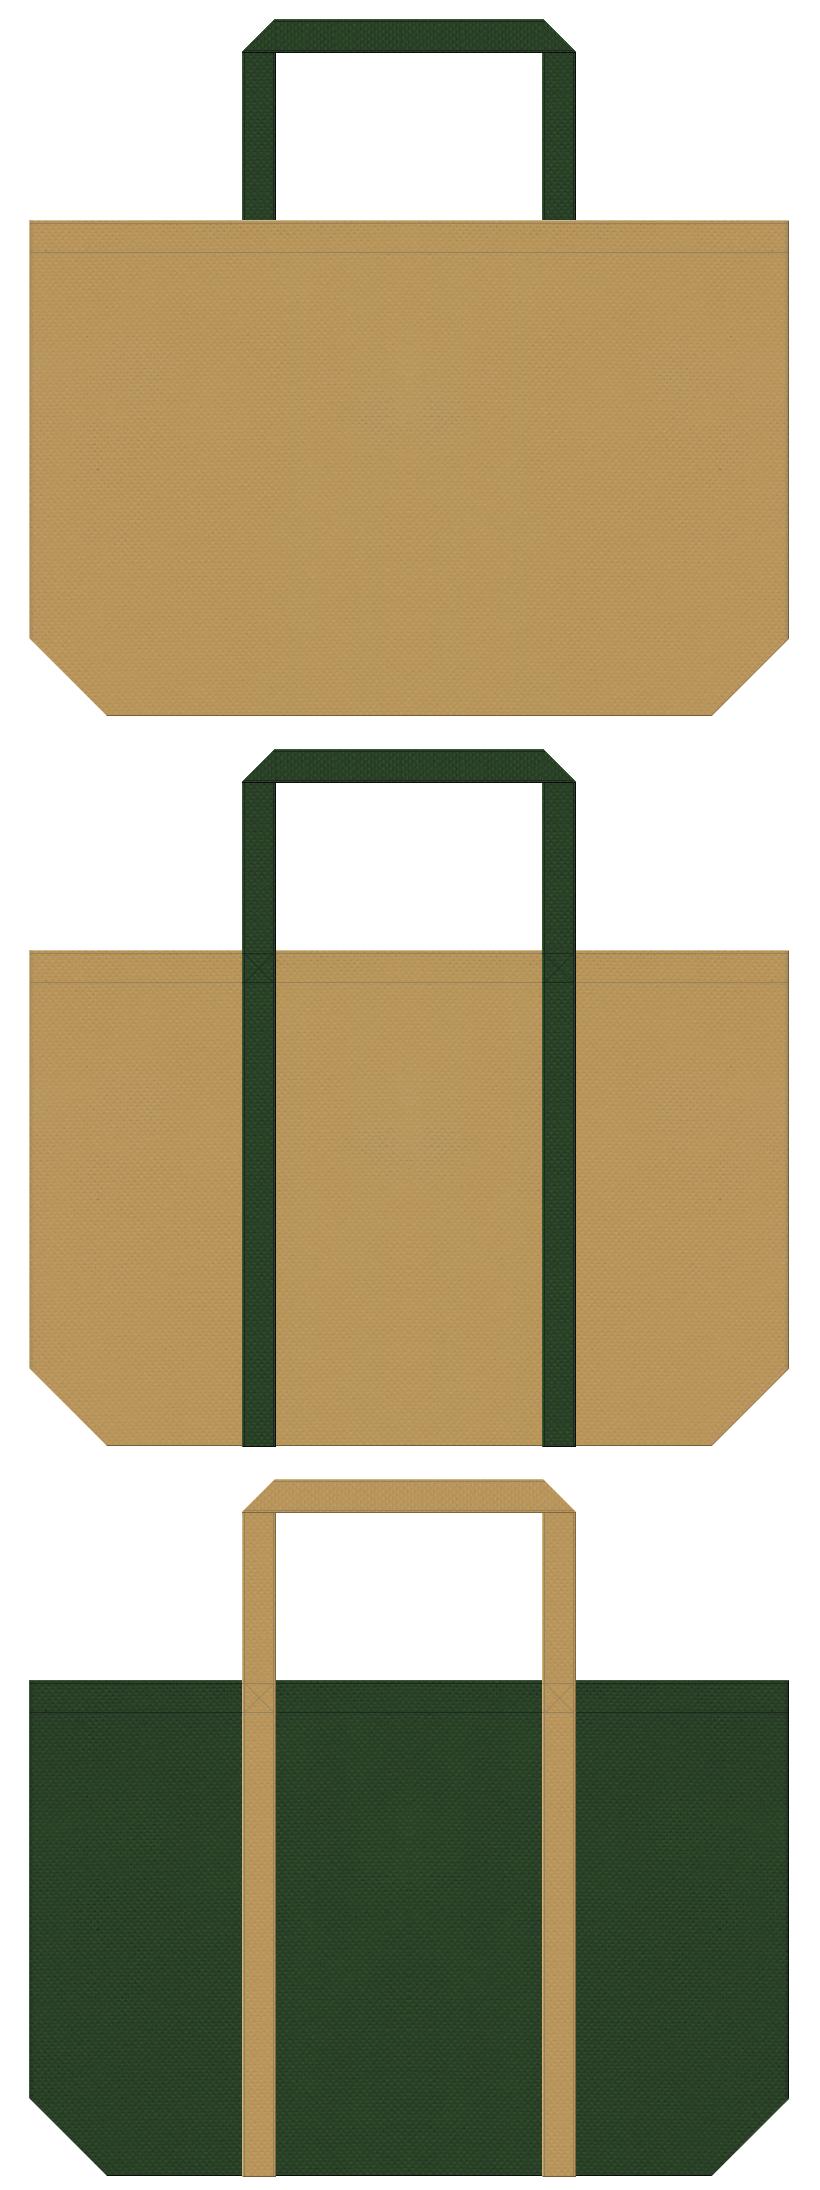 金色系黄土色と濃緑色の不織布ショッピングバッグデザイン。キャンプ・アウトドア用品のショッピングバッグにお奨めです。黒メッシュのポケット縫製でワイルド感がアップします。